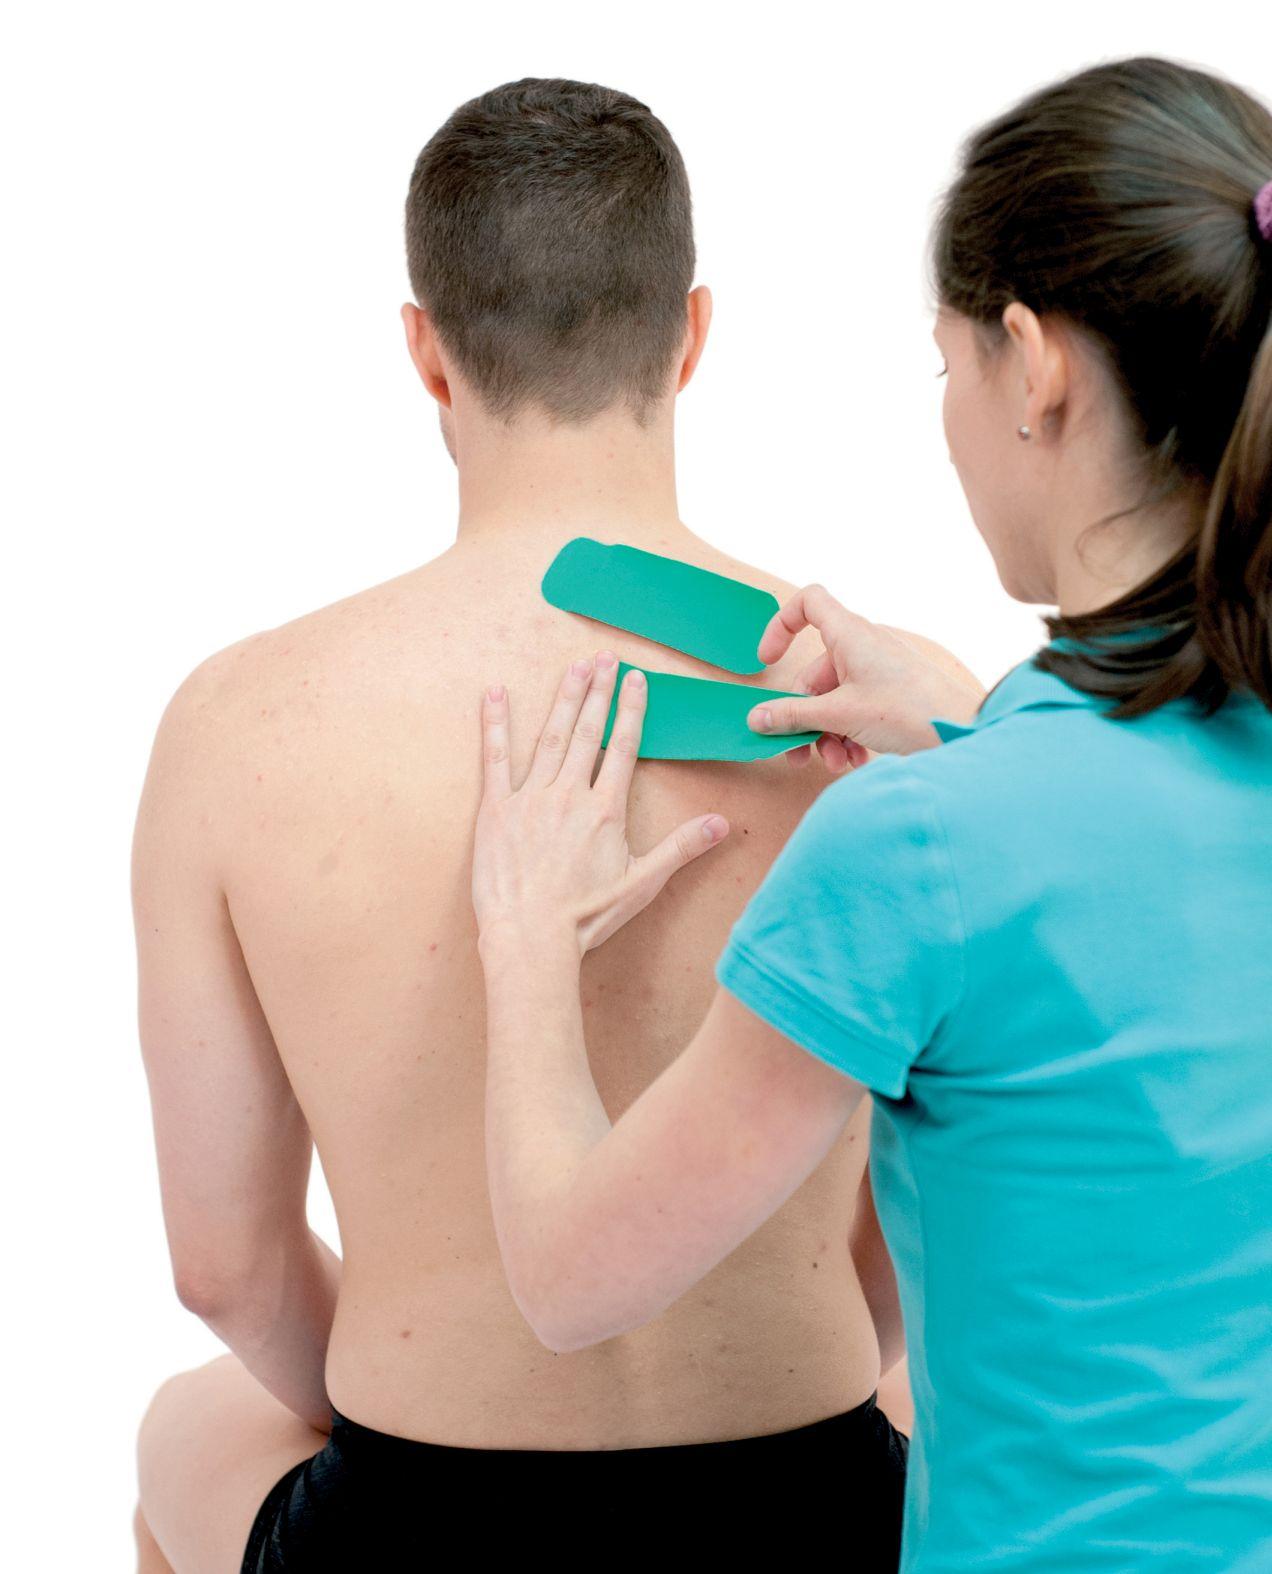 Tejpování rombických svalů 3